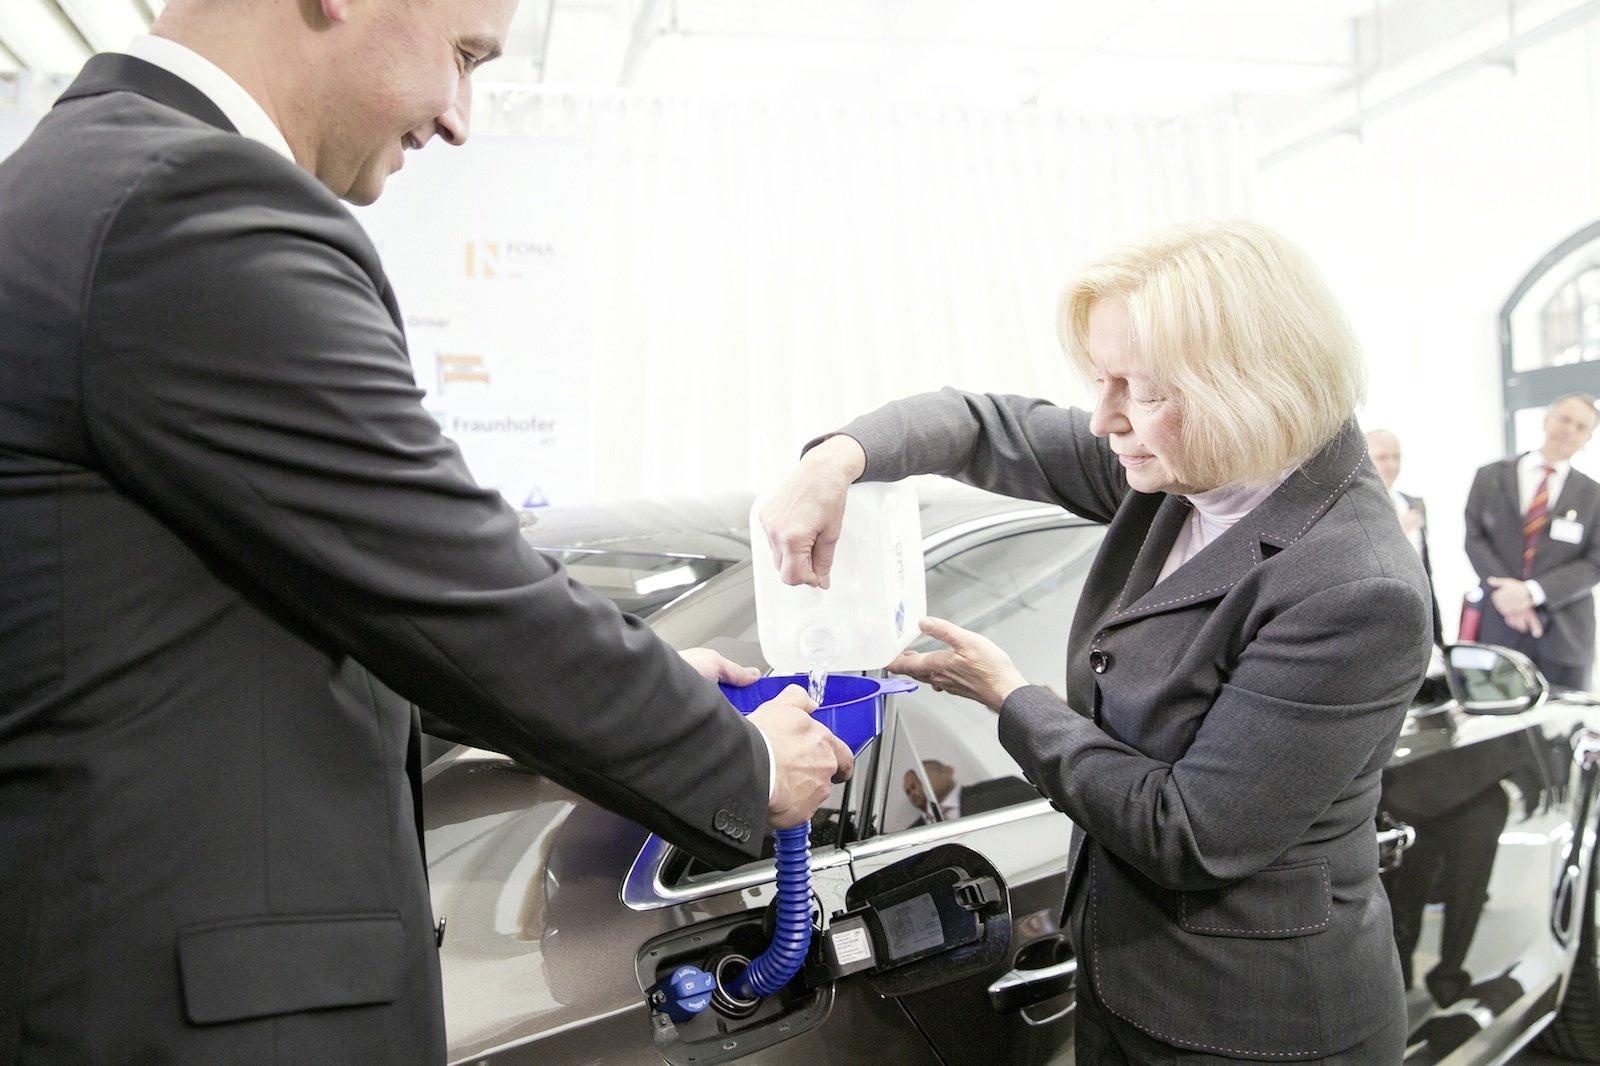 Forschungsministerin Johanna Wanka befüllt bei einem PR-Termin ihren Dienstwagen mit den ersten fünf Liter Audi e-diesel. Neben ihr steht Reiner Mangold, der bei Audi die nachhaltige Produktentwicklung leitet.